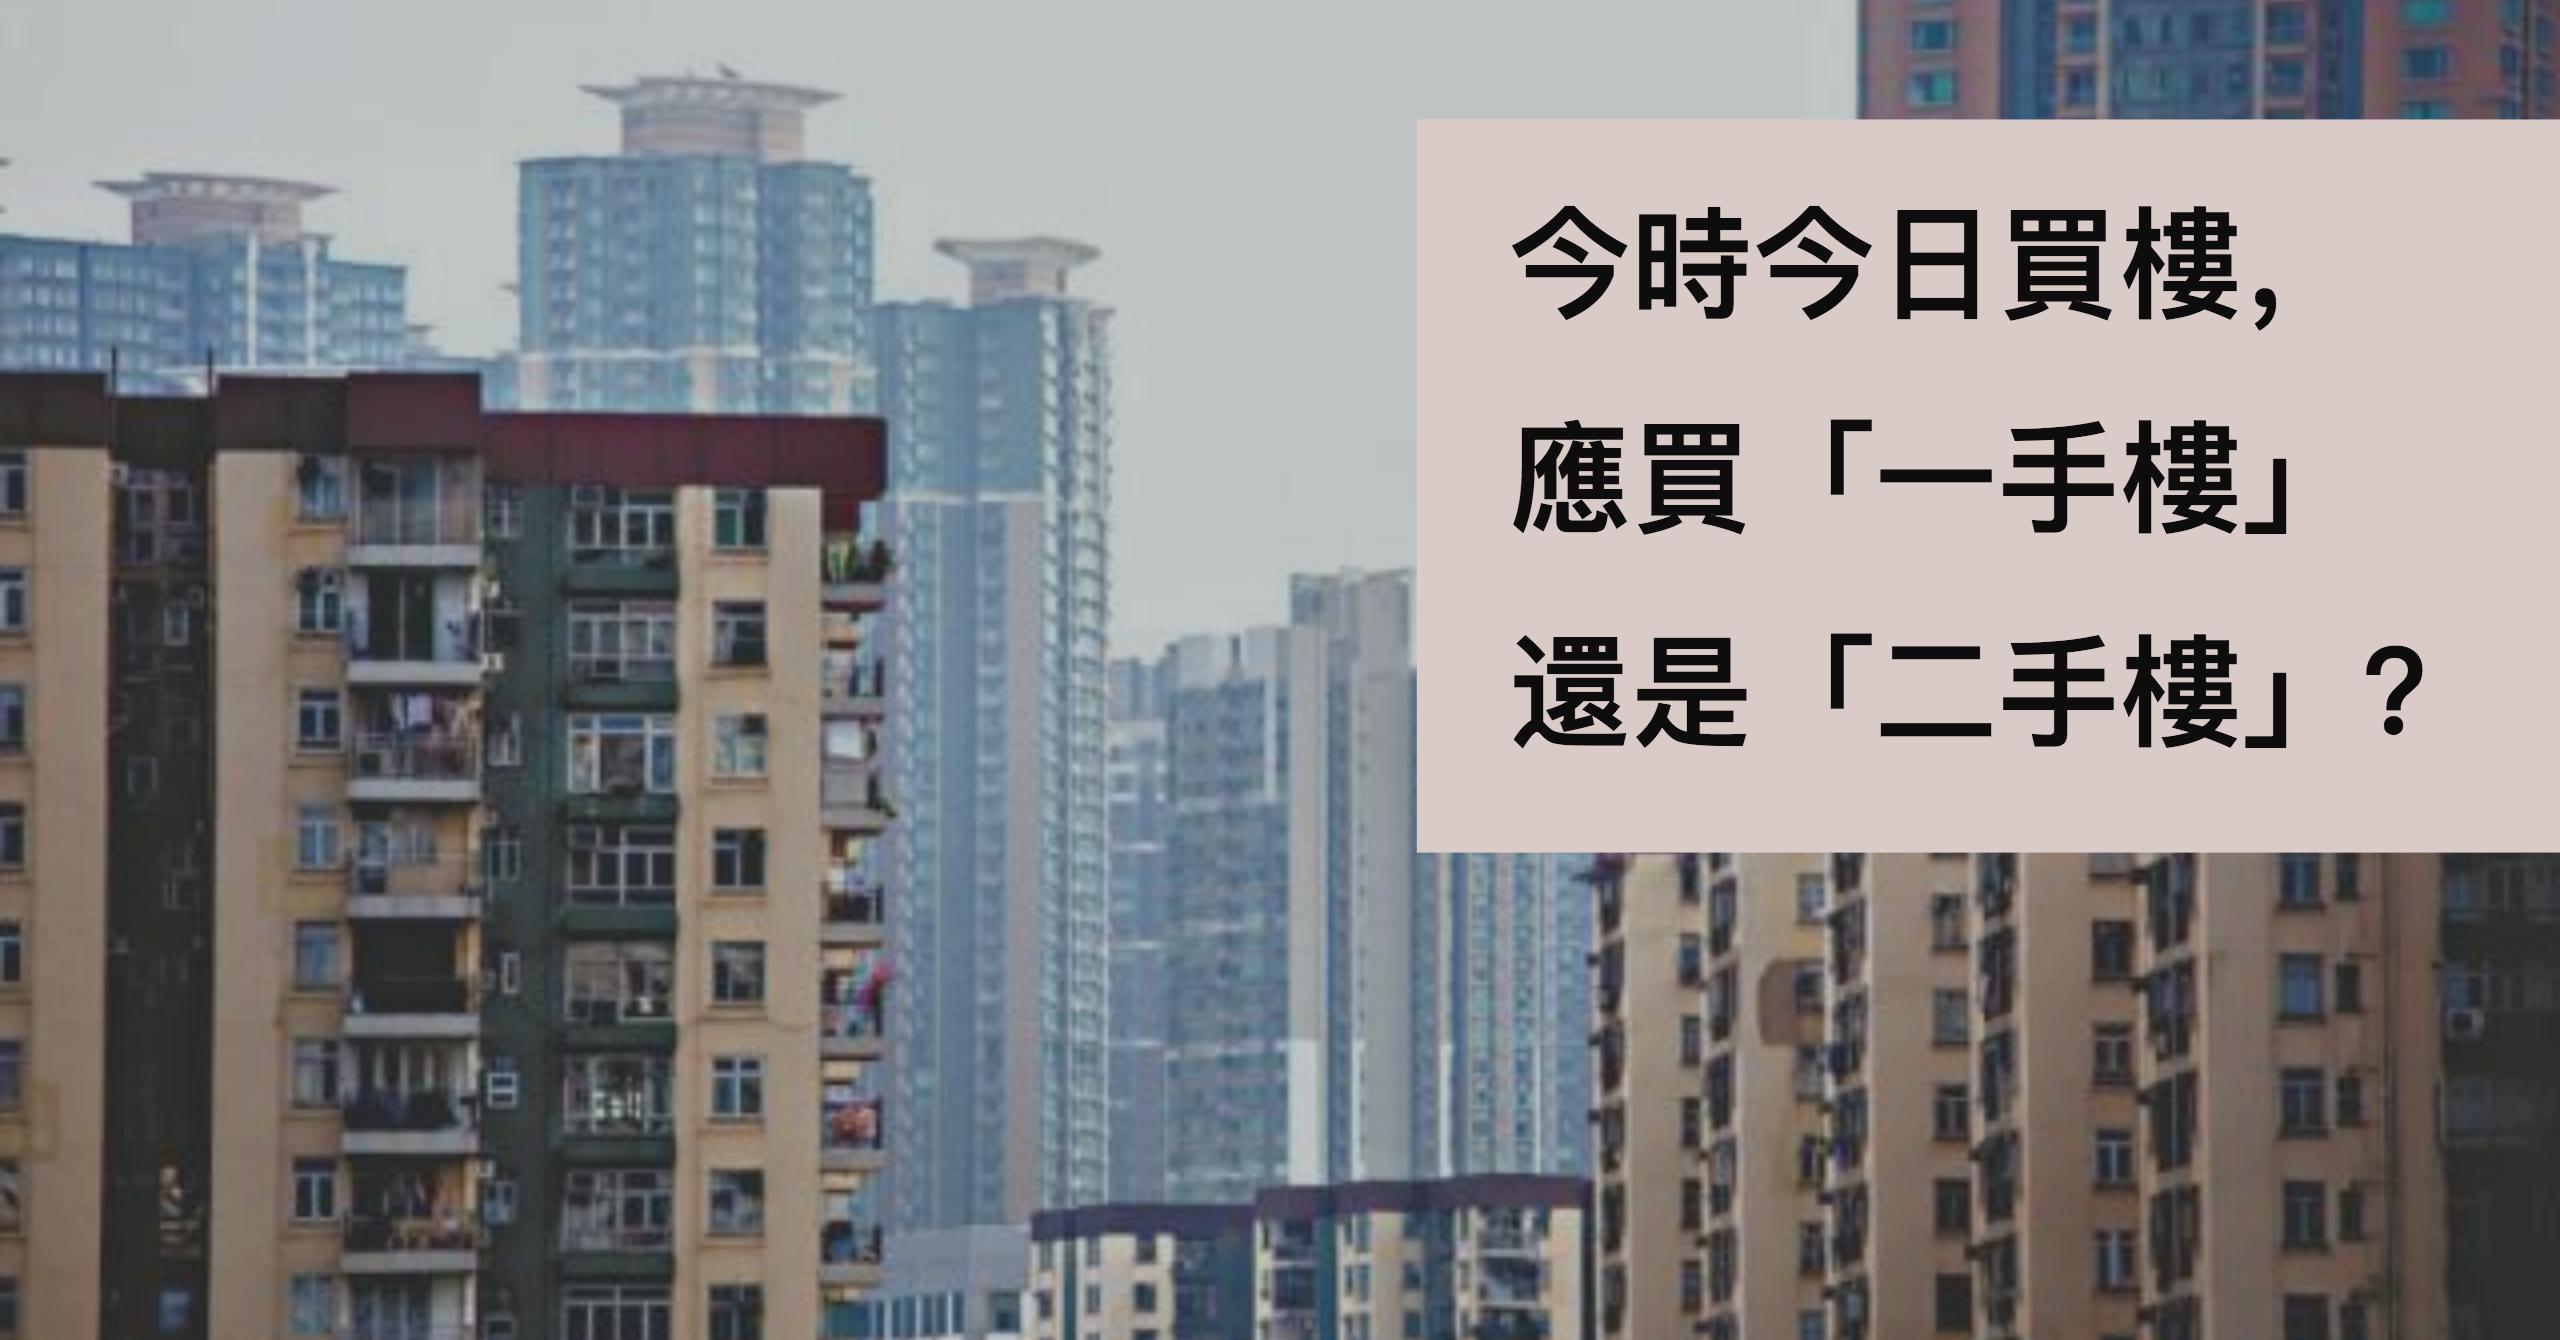 今時今日買樓,應買「一手樓」還是「二手樓」?